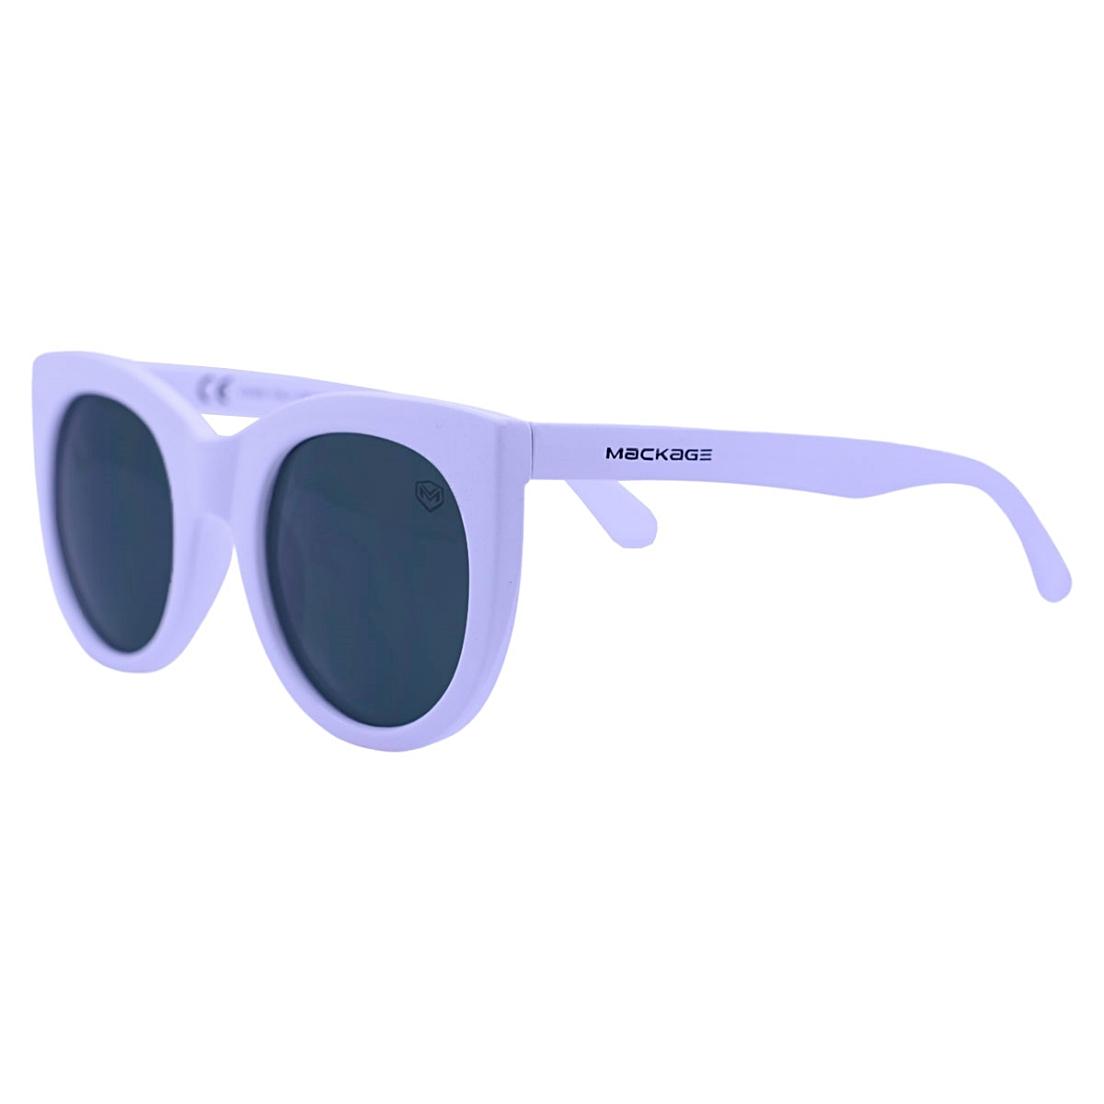 Óculos De Sol Mackage Feminino Acetato Gateado Retrô - Branco